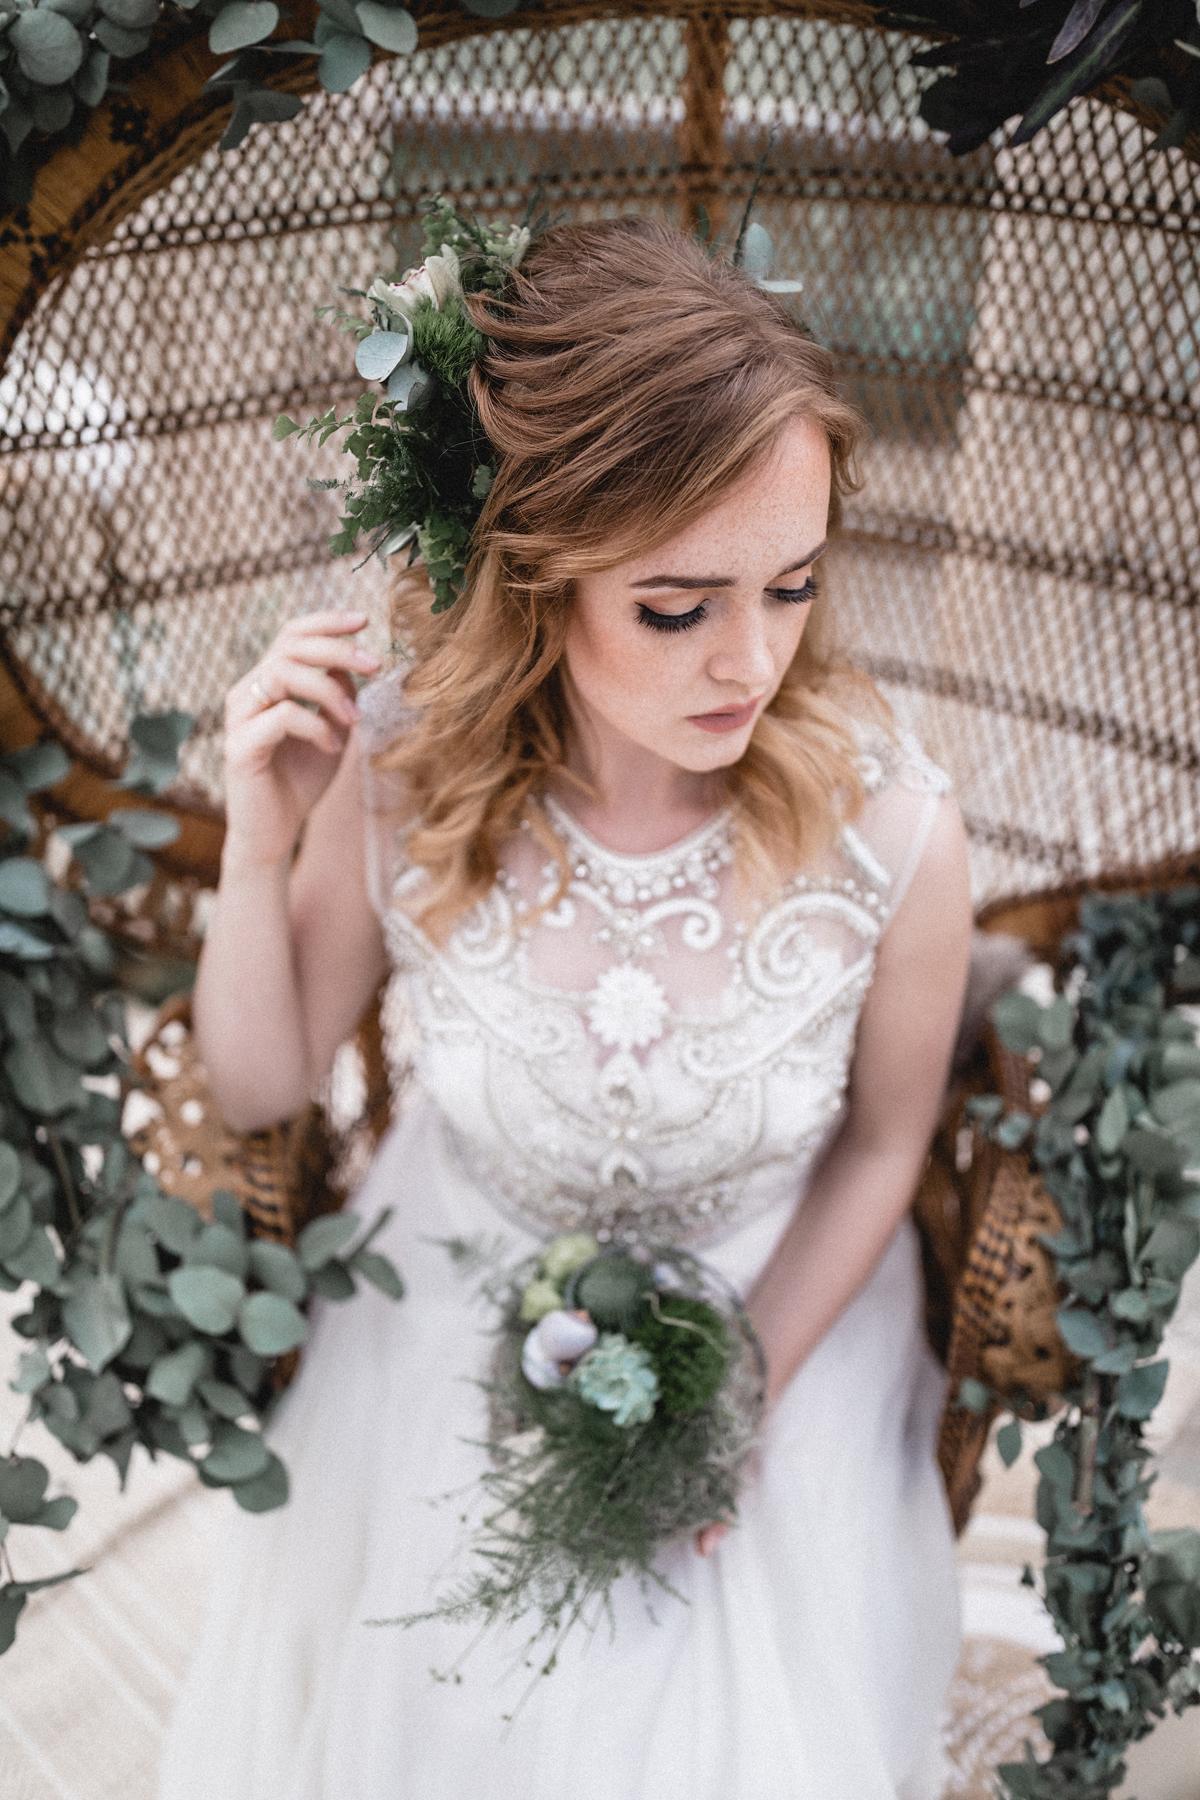 Andreas_Nusch_Hochzeitsfotografie_Brautshooting_2017_JA-Hochzeitsshop_0094